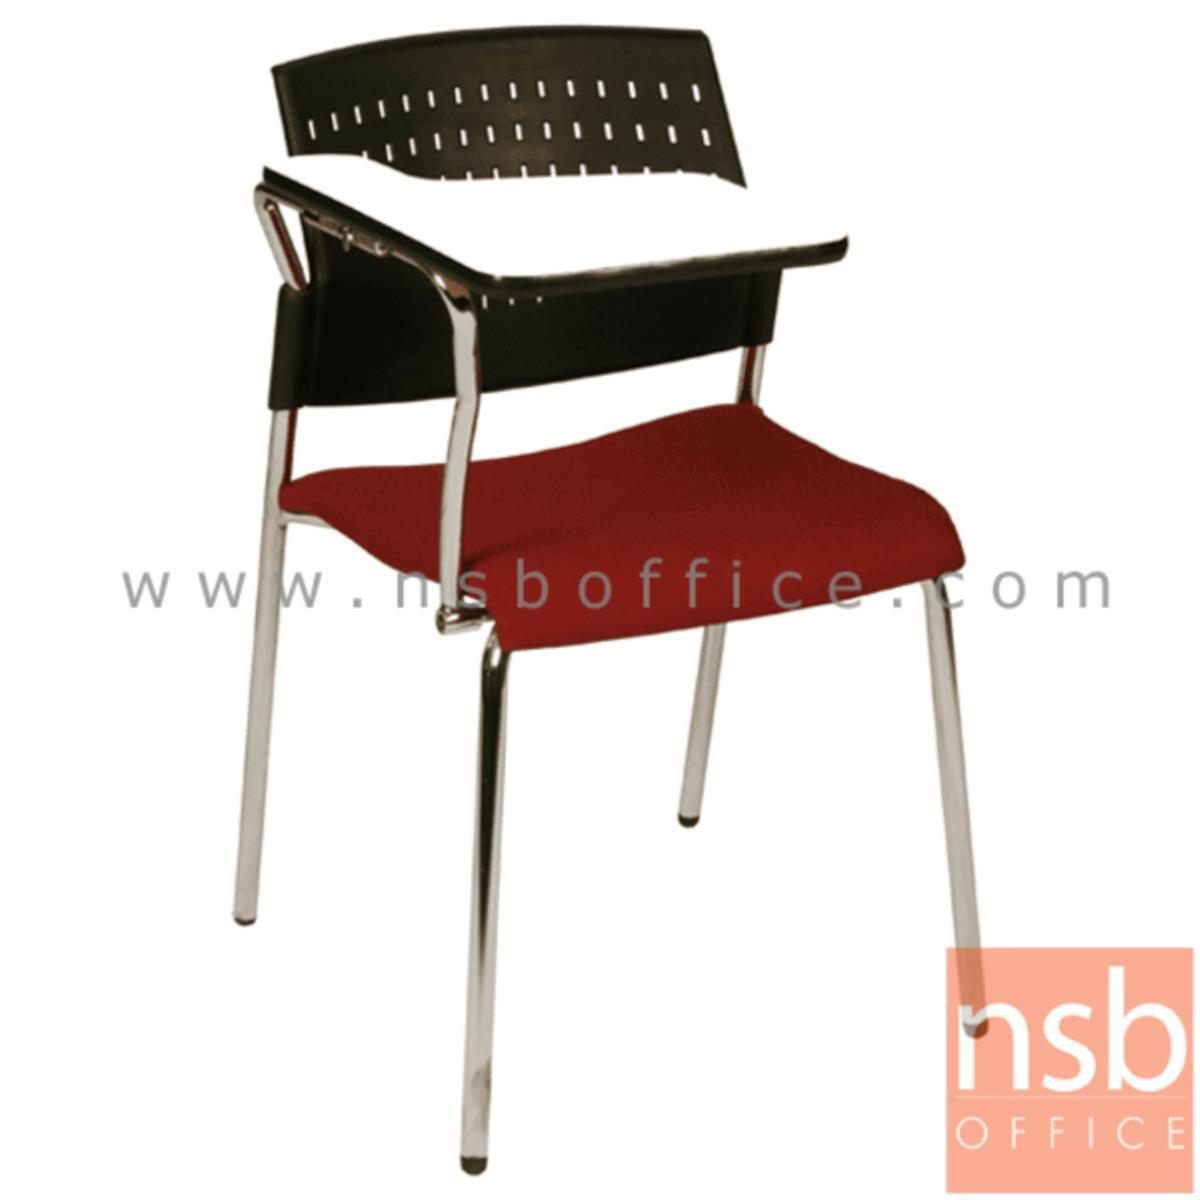 B07A049:เก้าอี้เลคเชอร์เฟรมโพลี่ รุ่น C3616 ขาเหล็กชุบโครเมี่ยม